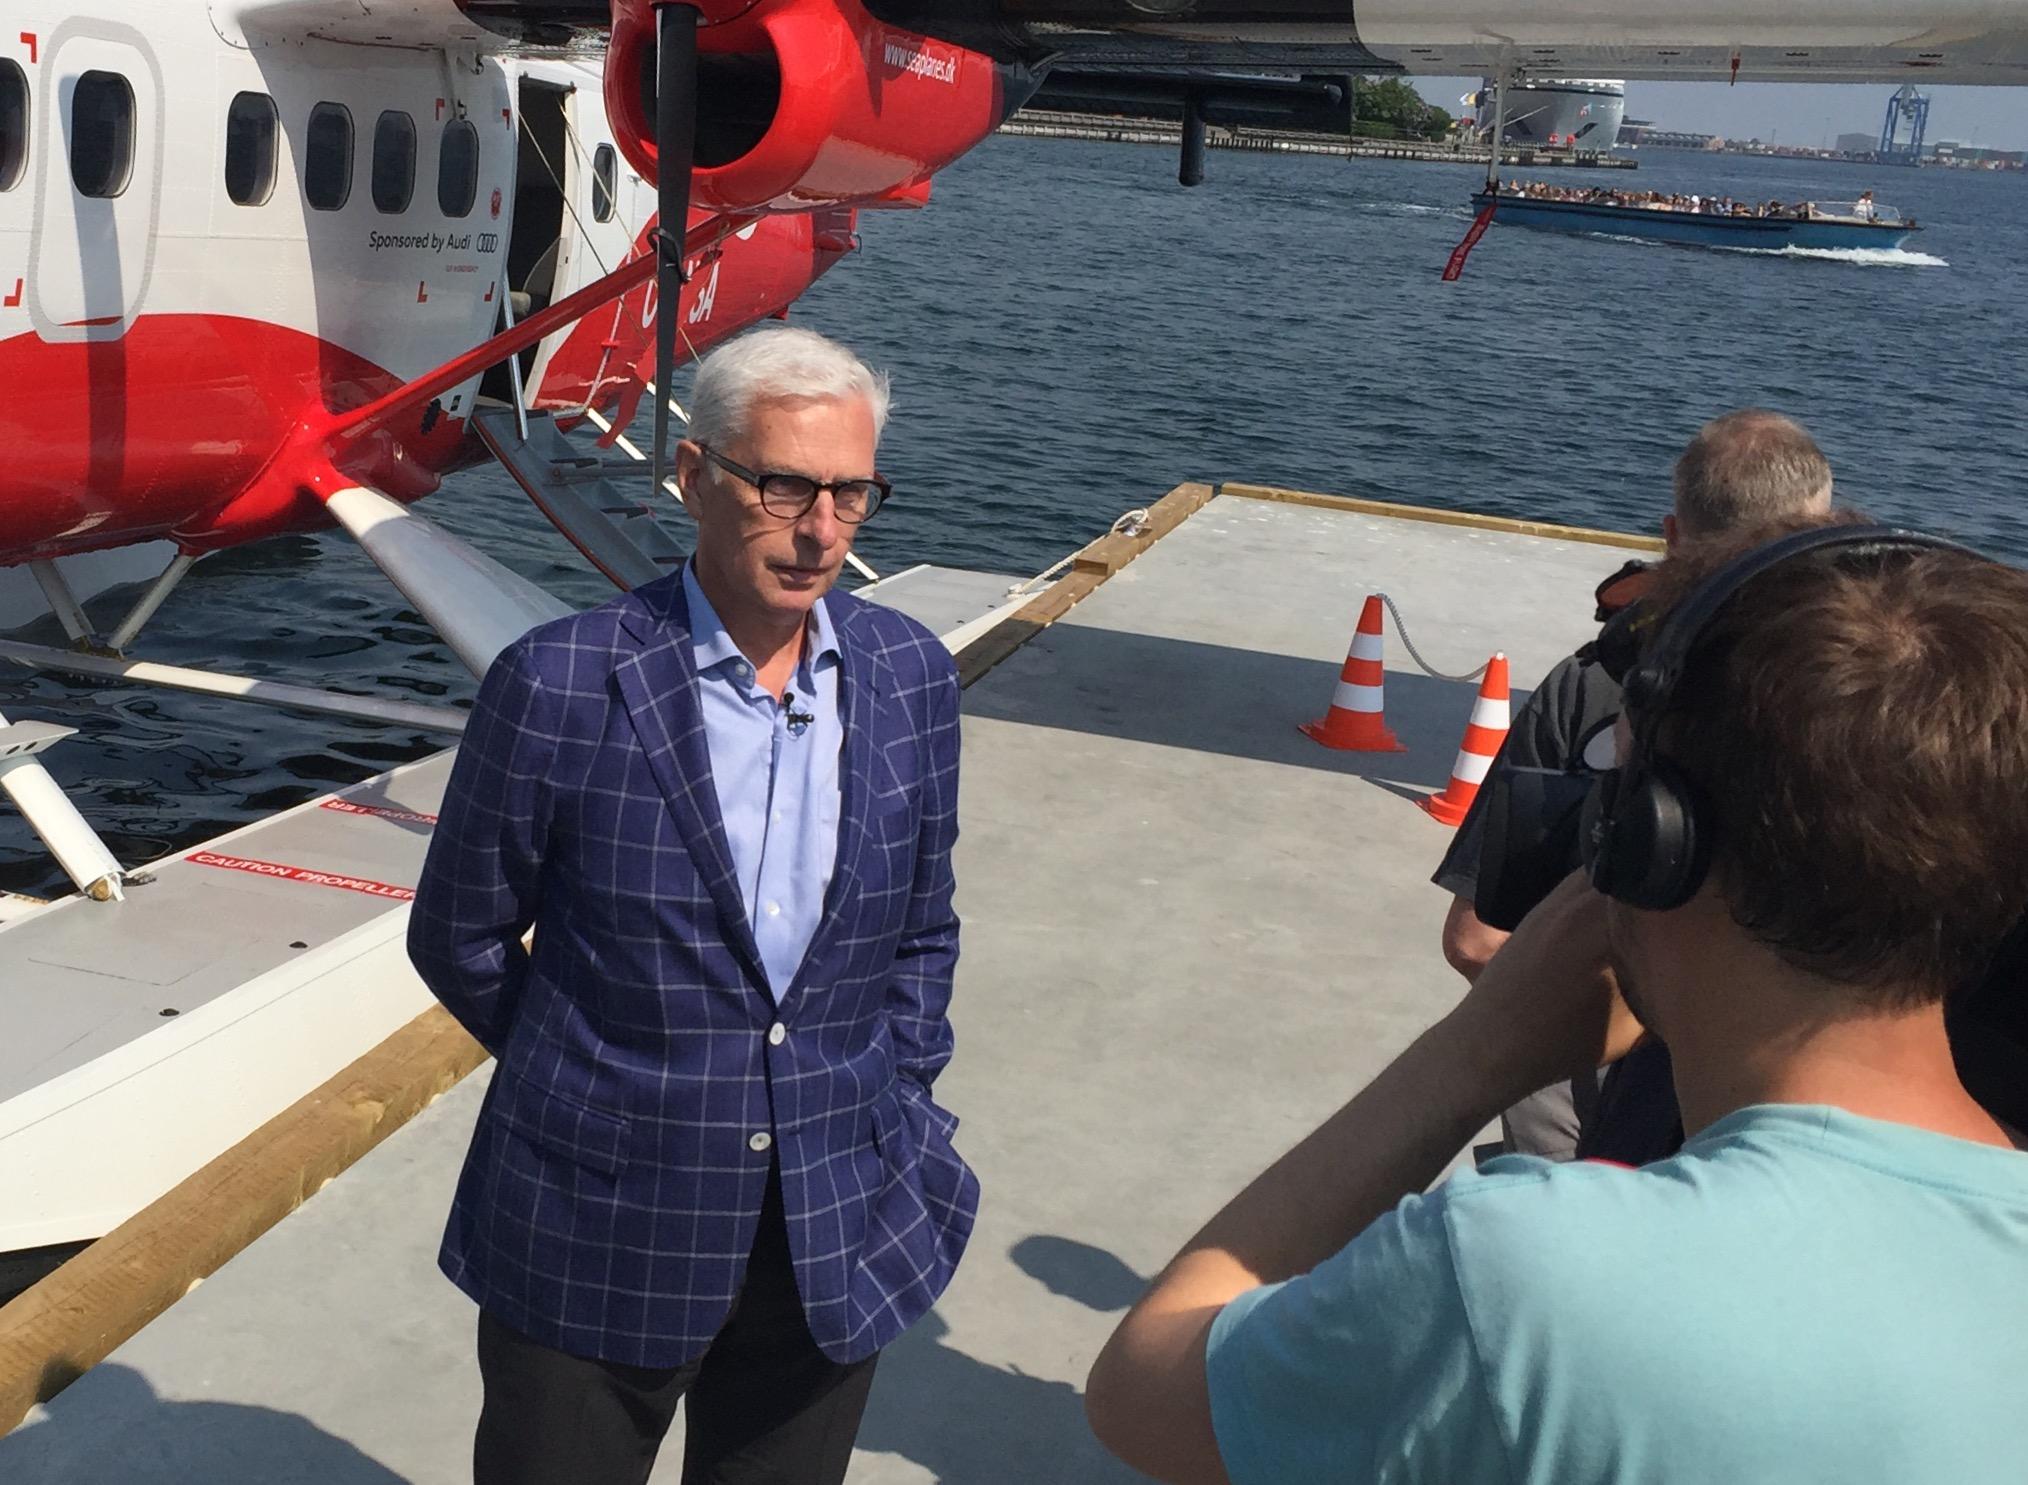 Lars Erik Nielsen bliver interviewet til tv efter tirsdagens flyvning med den danske verdenspresse. Foto: Andreas Krog.